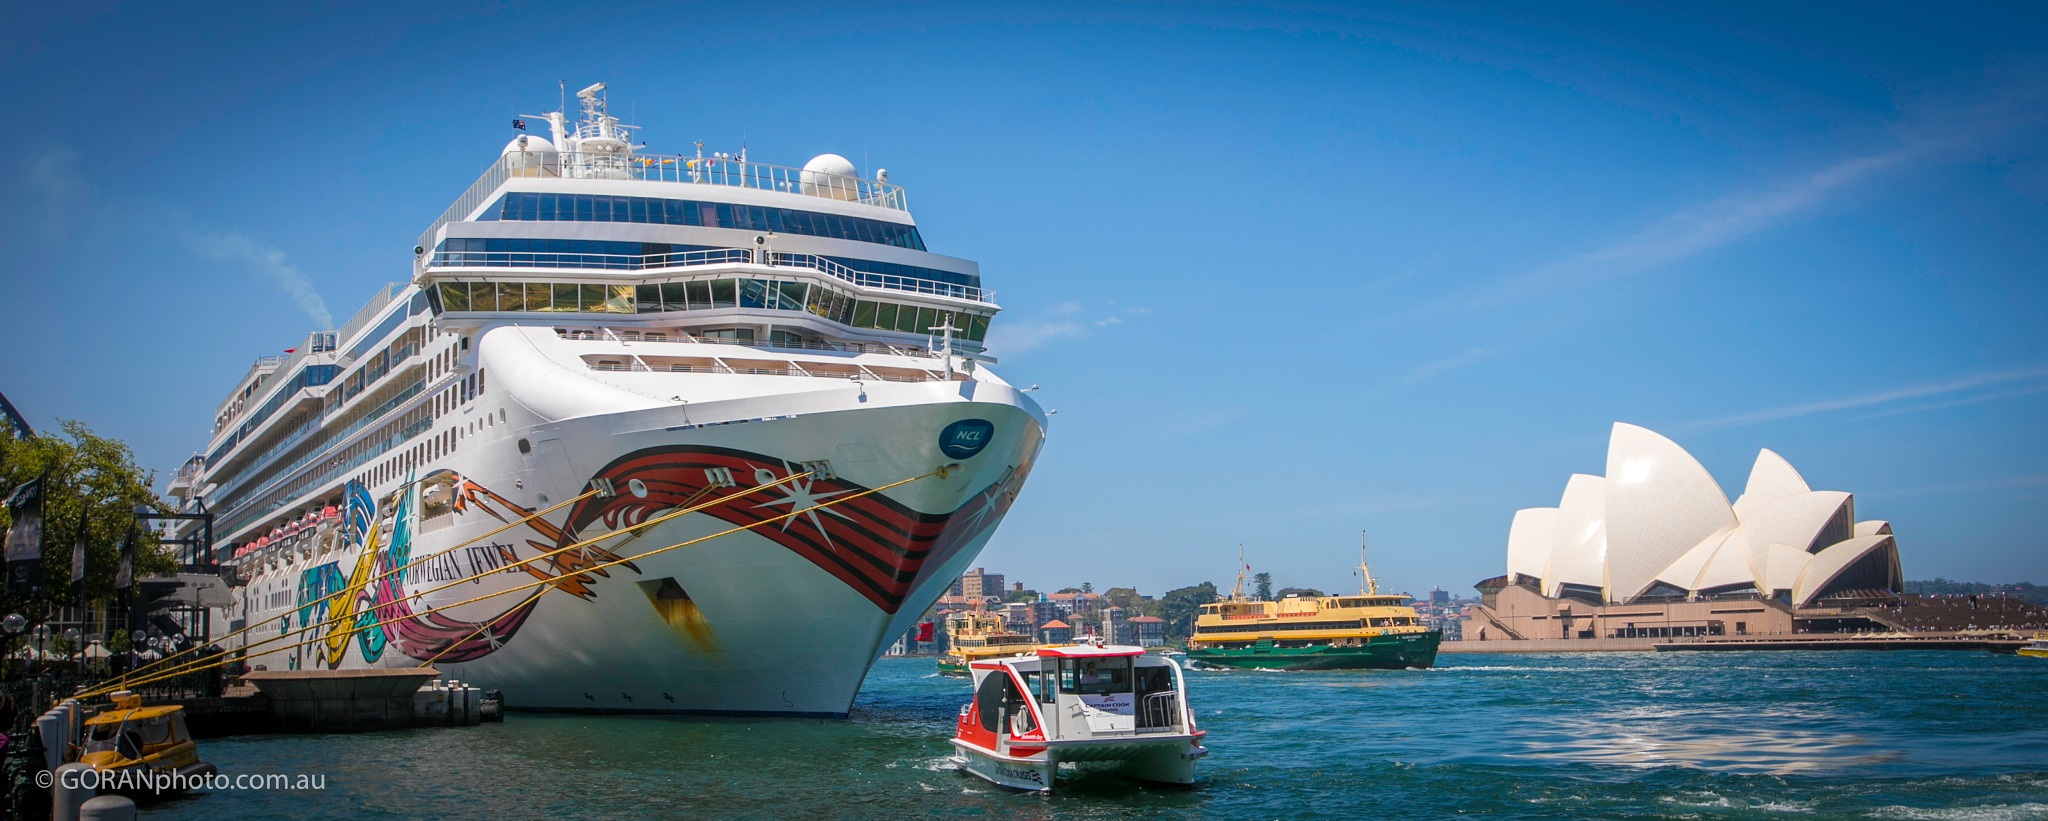 Sydney Harbour by Goran Dojcinovic